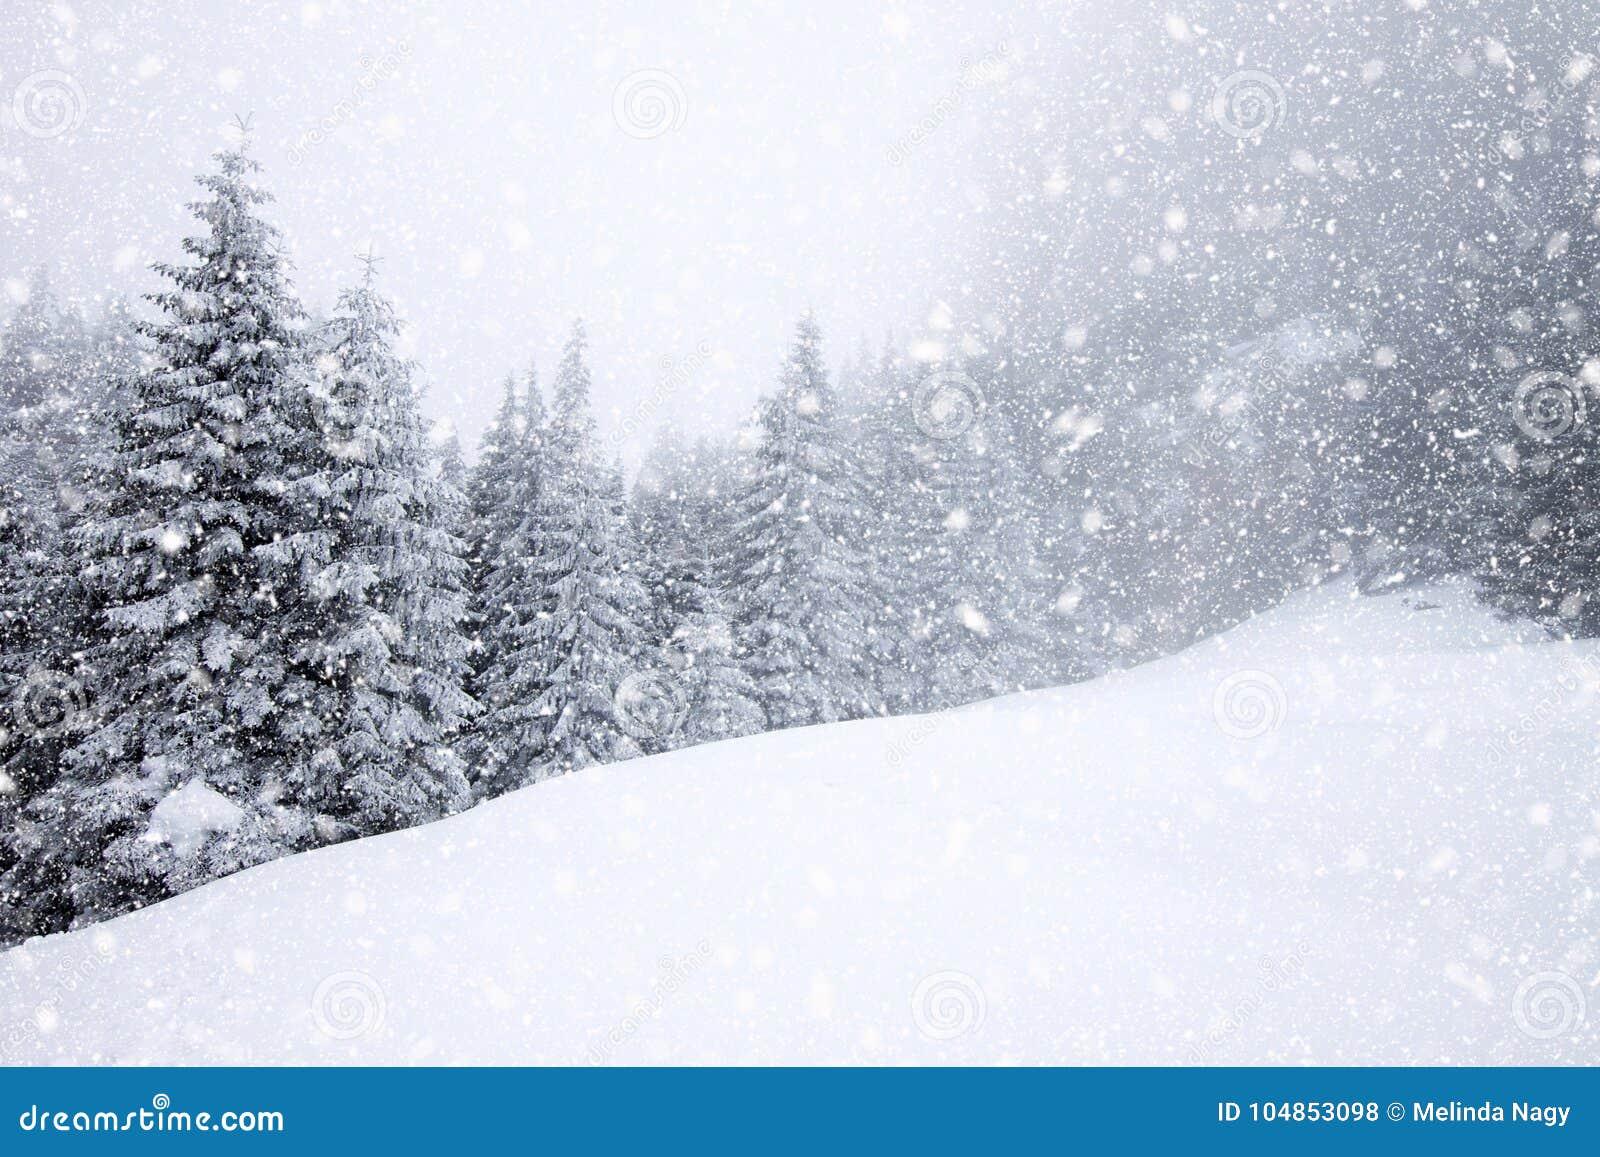 Snöa dolda granträd i tungt snöfall - julbakgrund